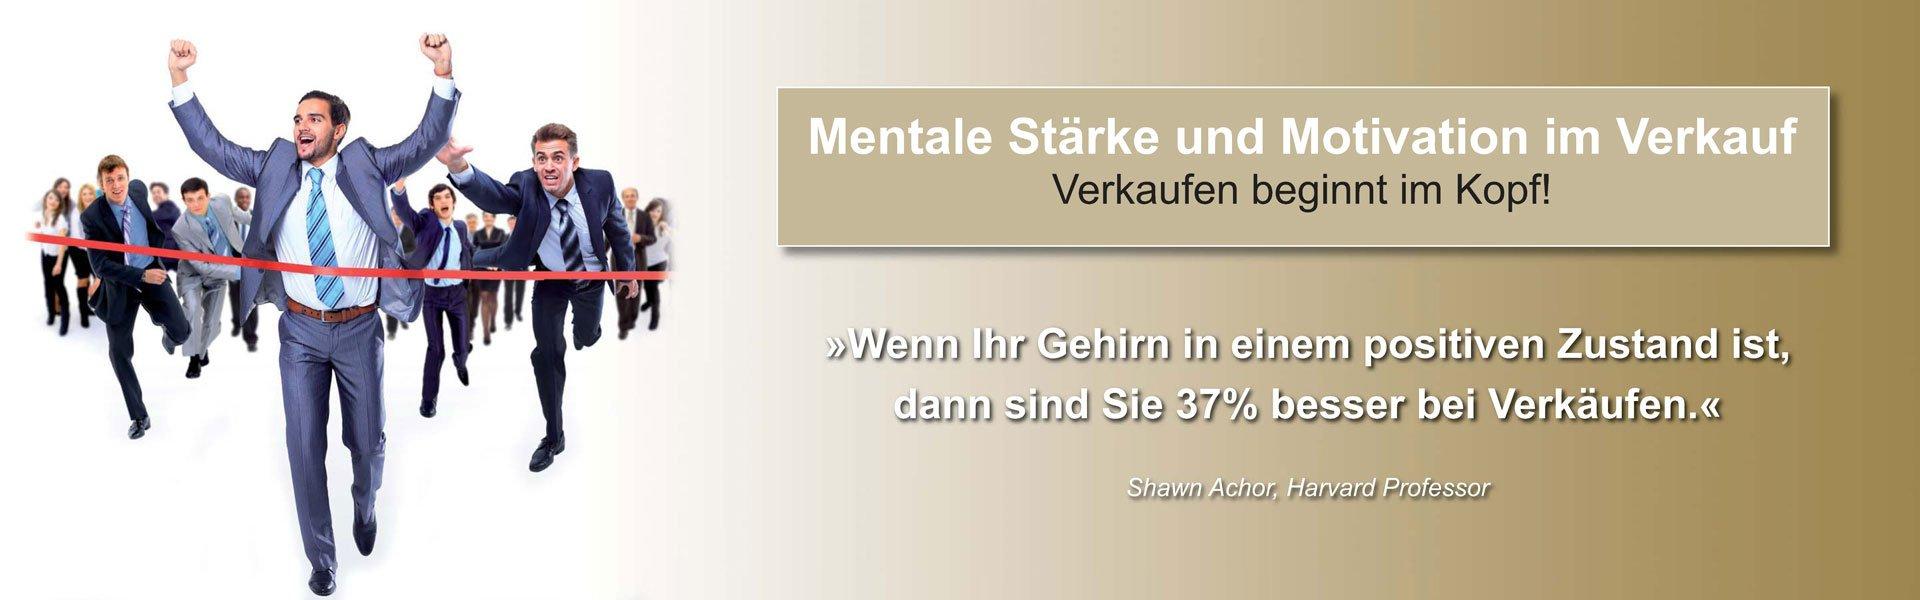 Gratis Live Webinar Mentale Stärke und Motivation im Vertrieb und Verkauf